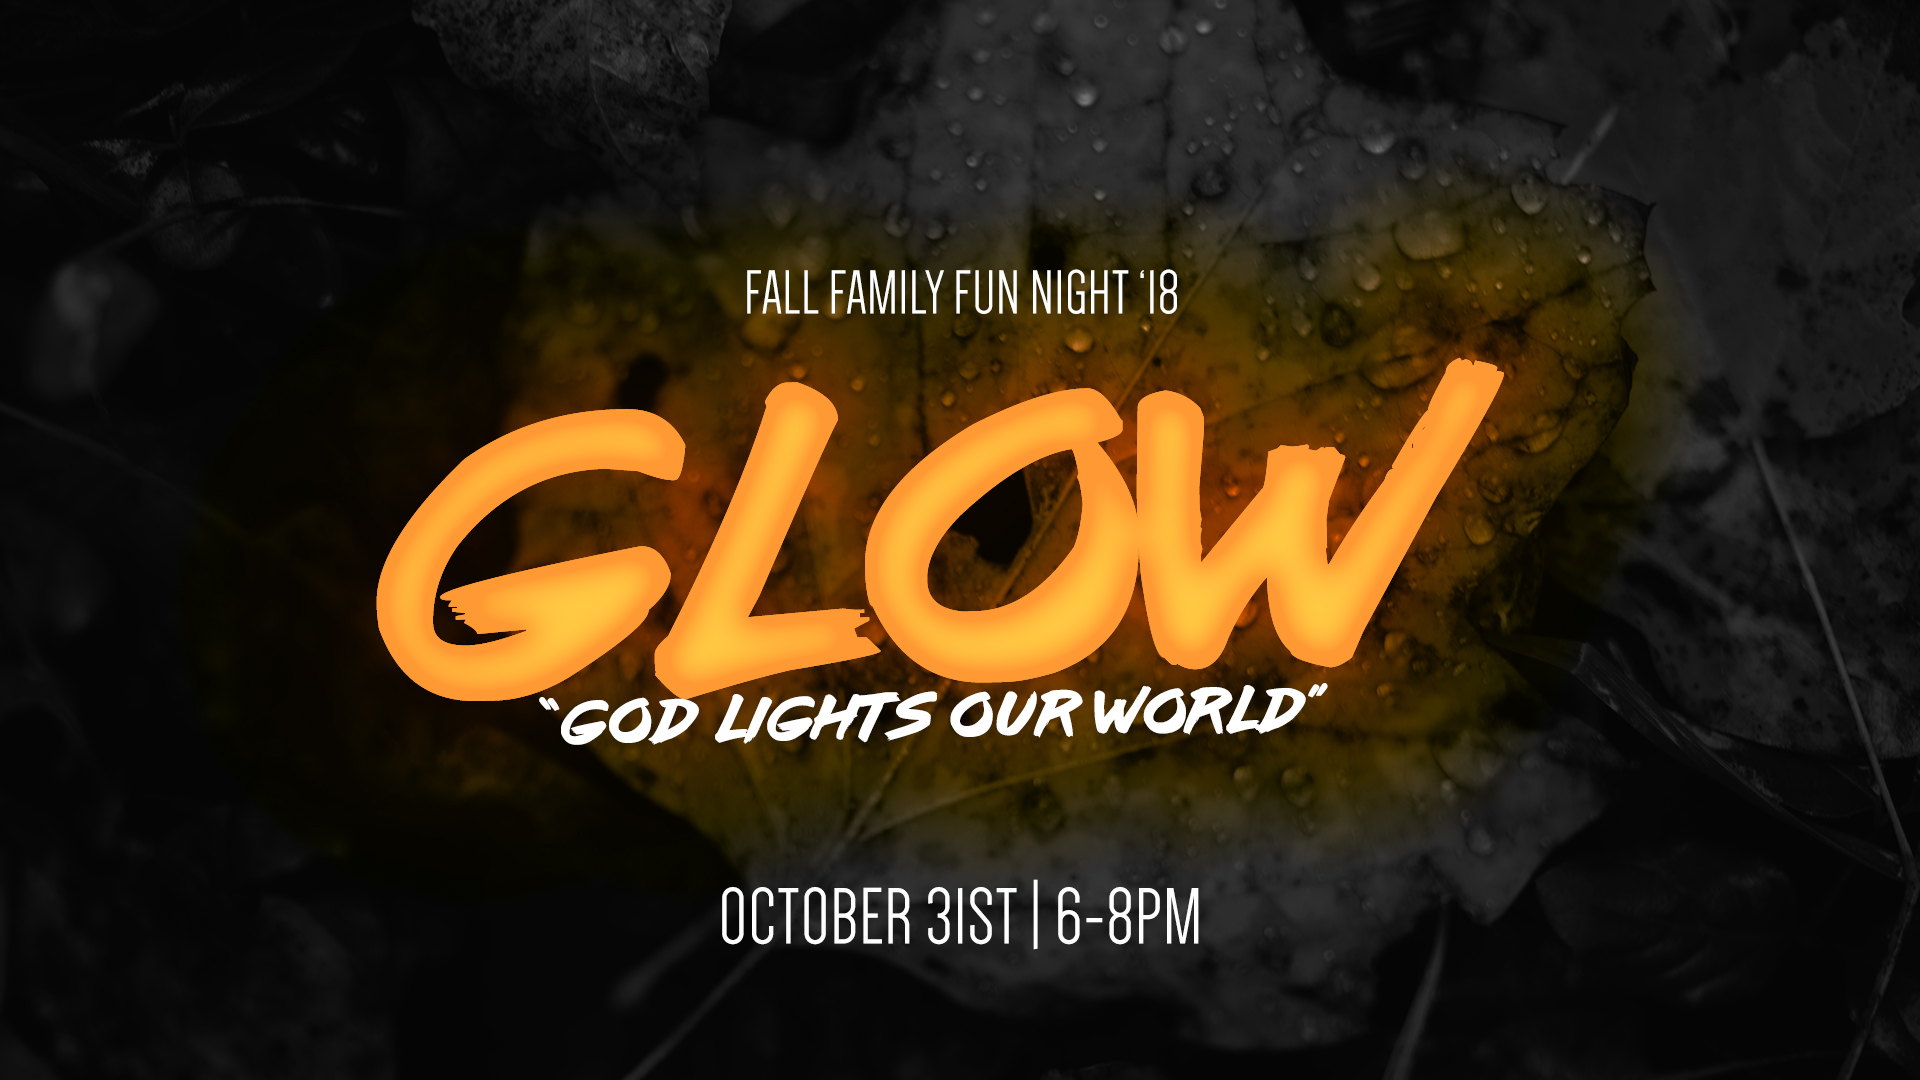 fall fun night 18 glow.jpg